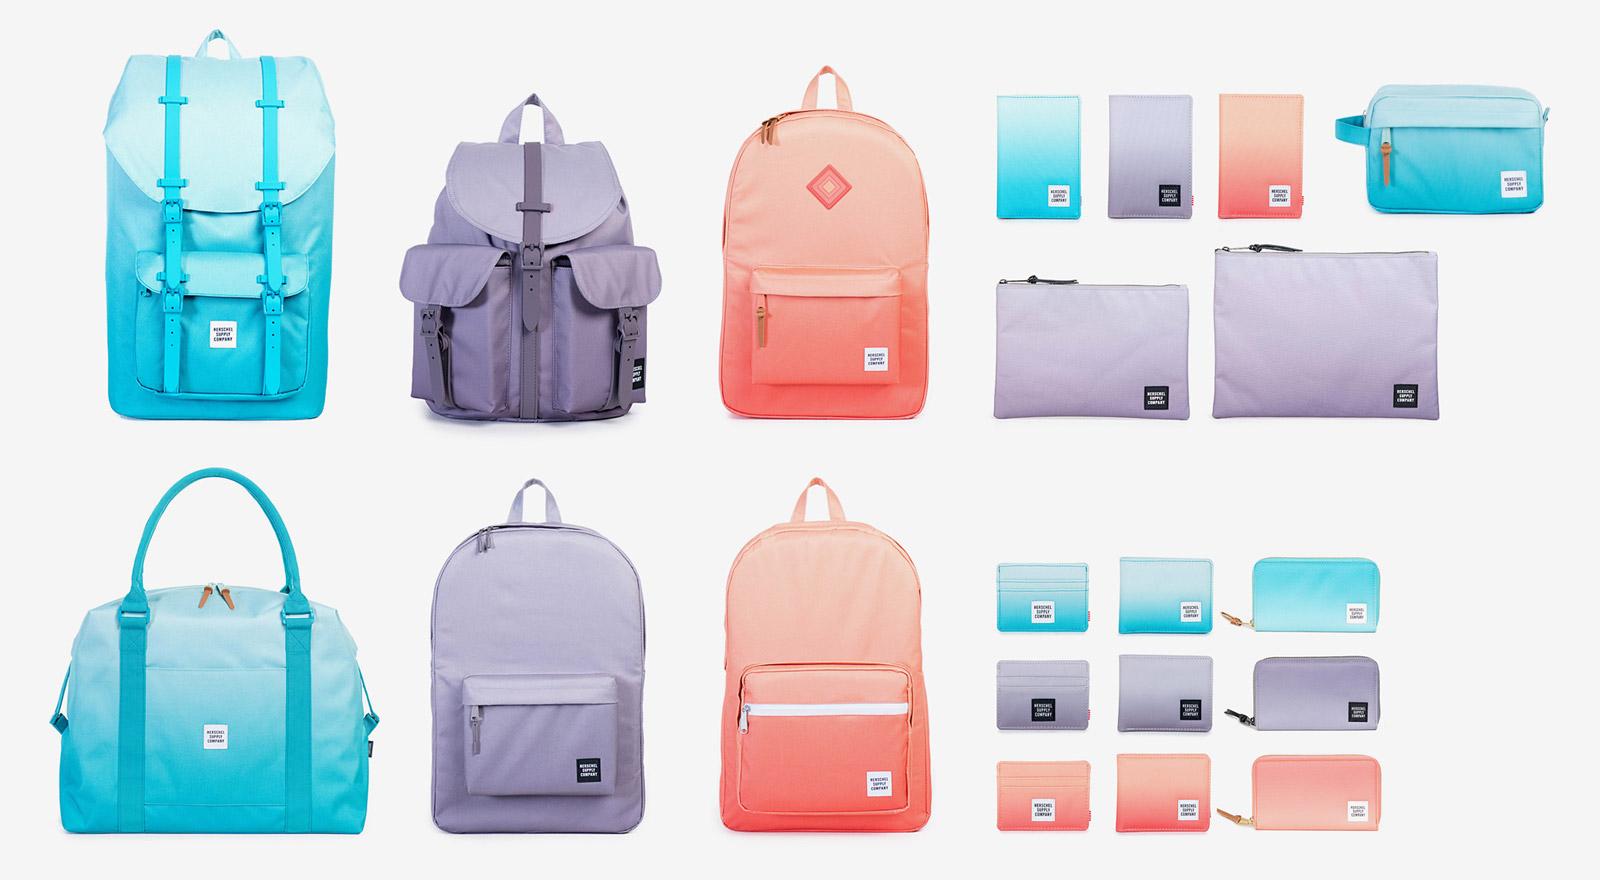 Herschel Supply — plátěné batohy, tašky, taštičky, pouzdra, peněženky — kolekce Gradient